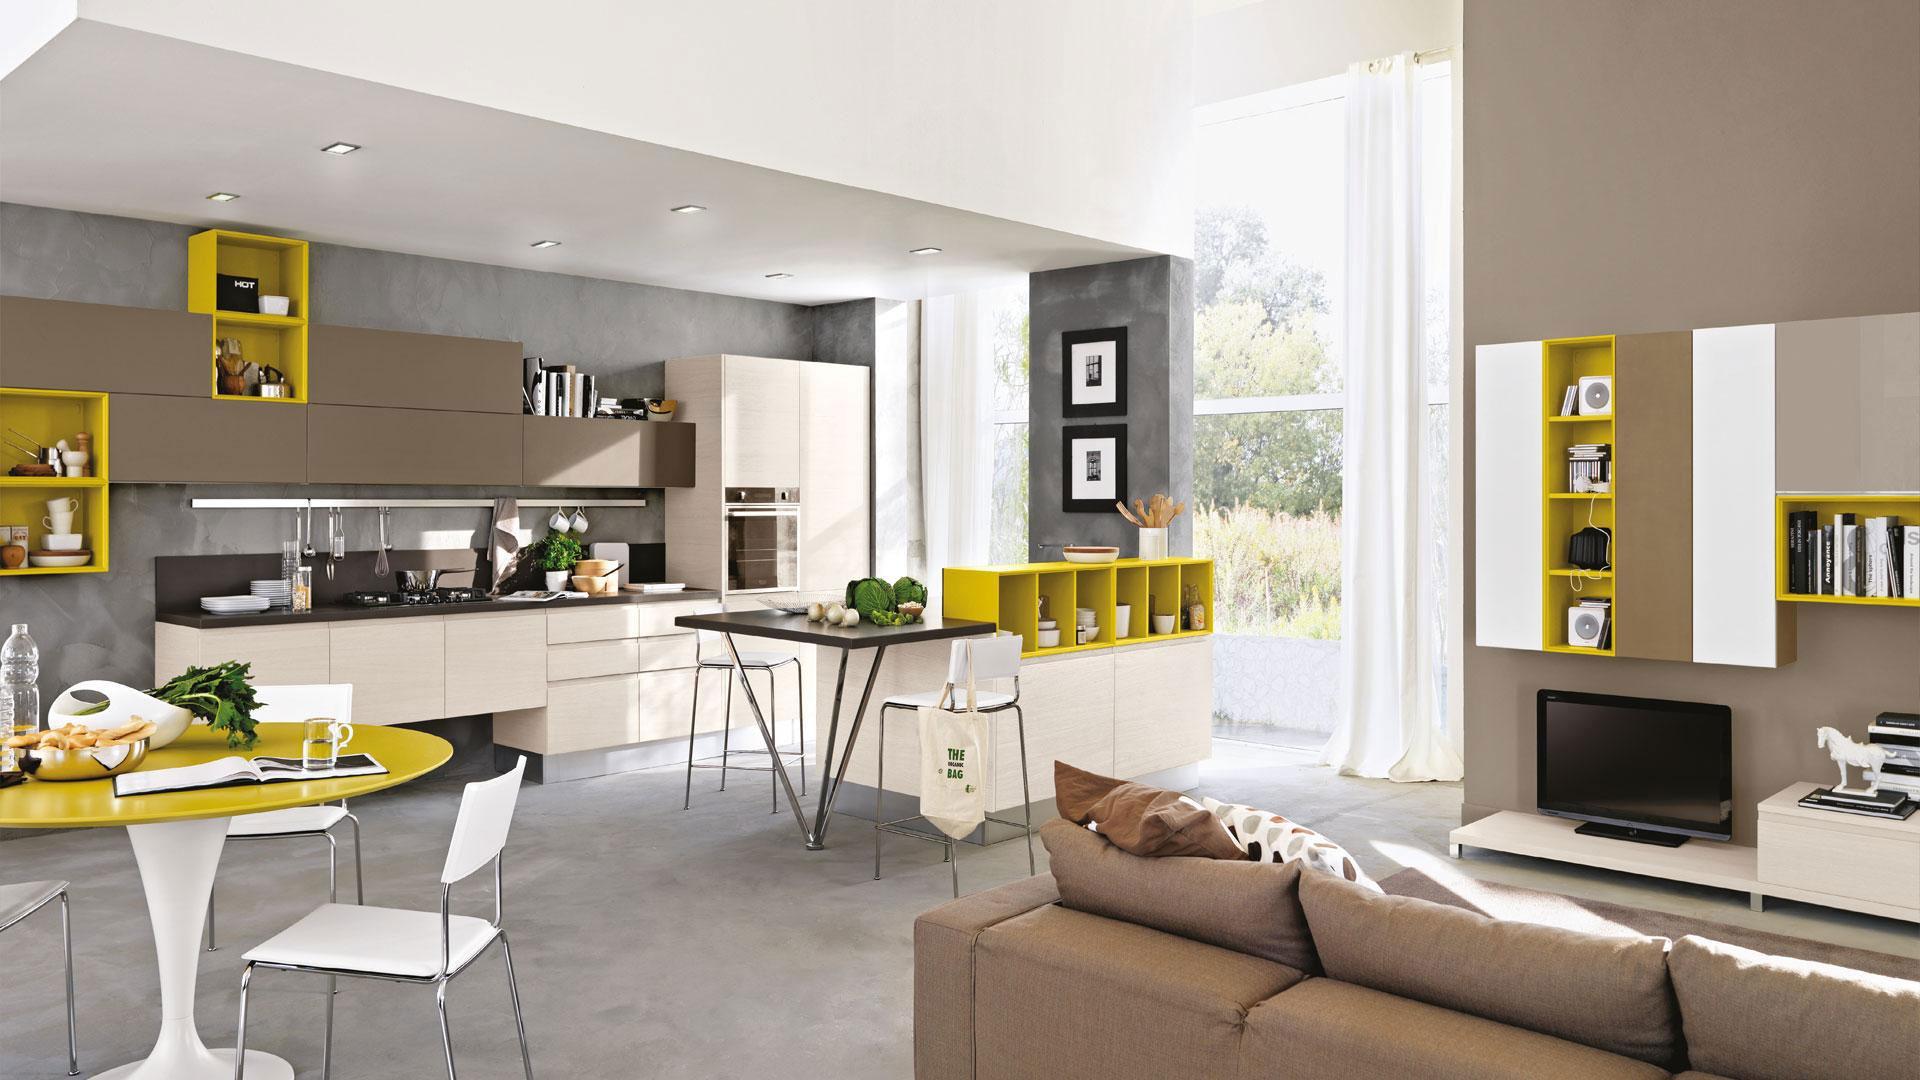 Rizzo Arreda Lube Arredamenti Paderno Dugnano | Cucine Moderna Linda